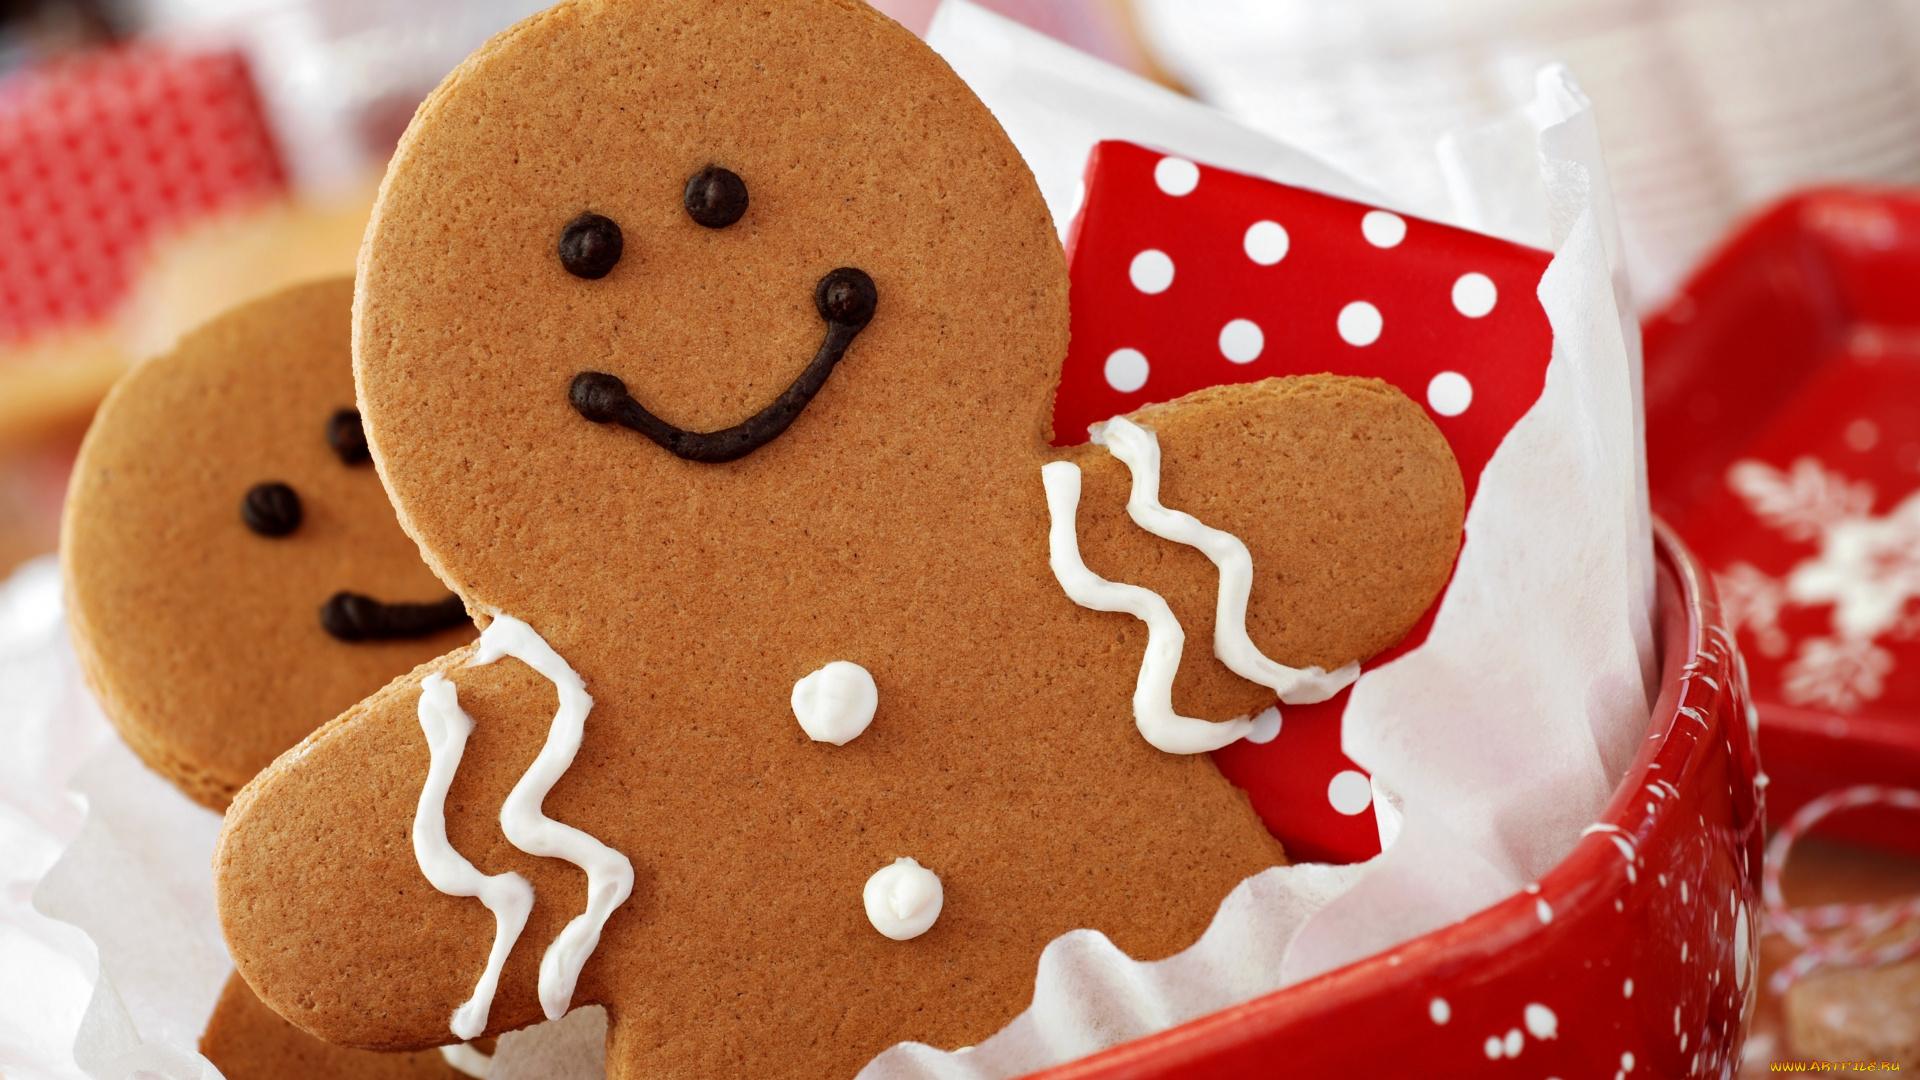 Прикольные картинка с печеньем, днем рождения внучки